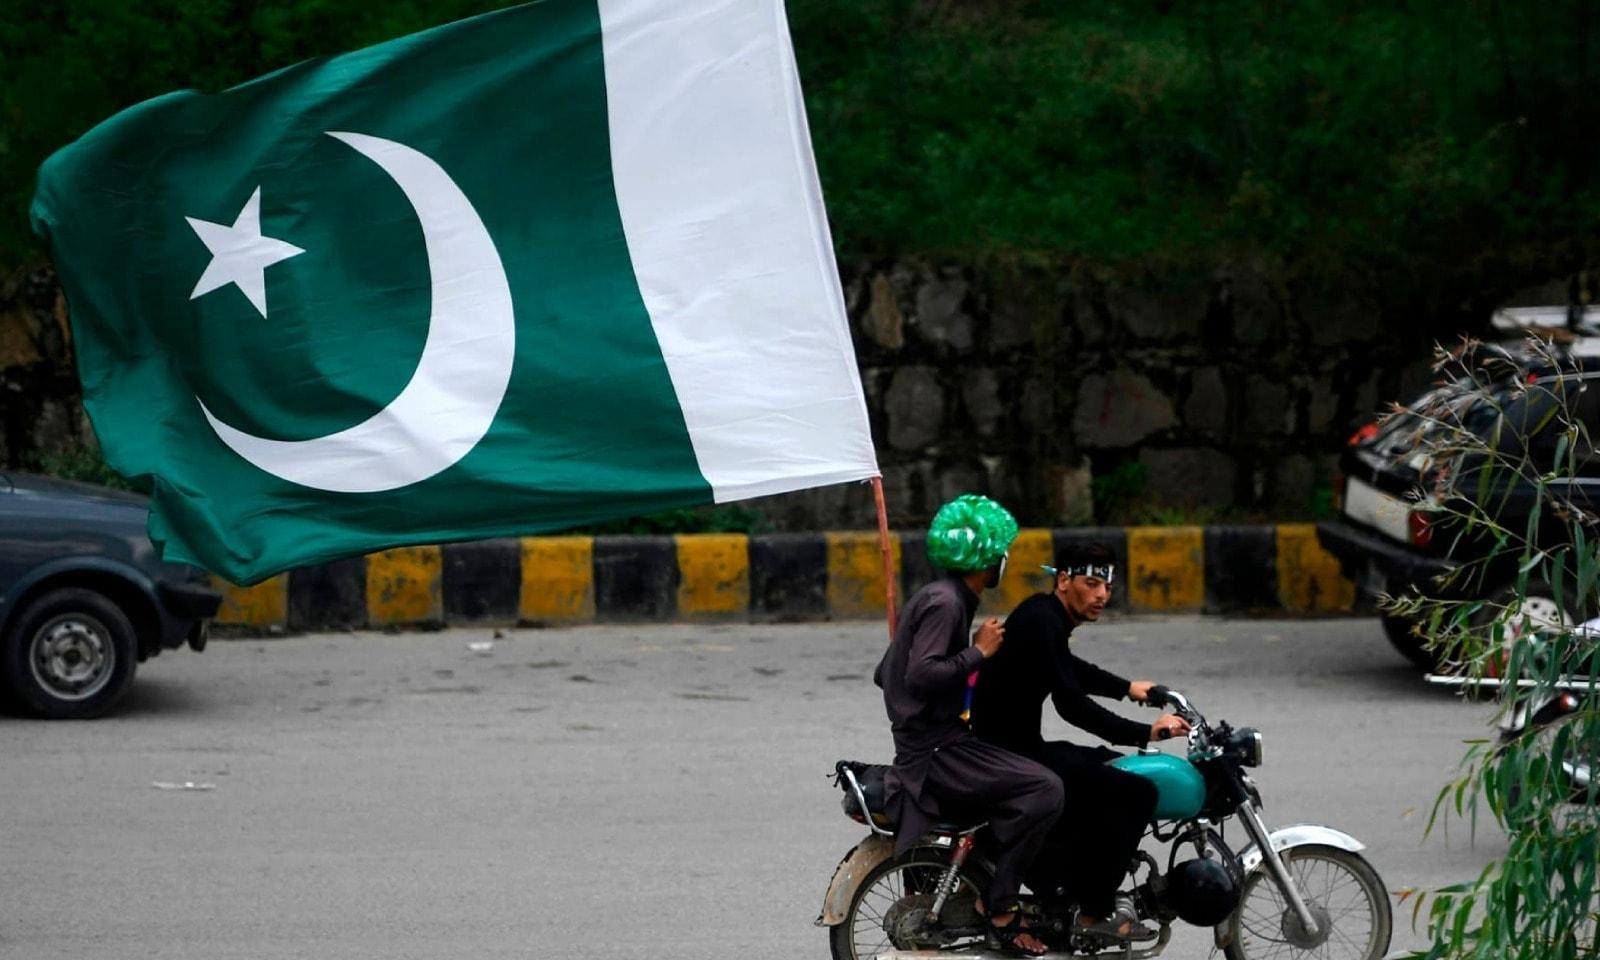 ملک بھر میں گاڑیوں اور موٹر سائیکلوں پر لوگ جھنڈے لہراتے ہوئے نکلے — فوٹو: اے ایف پی